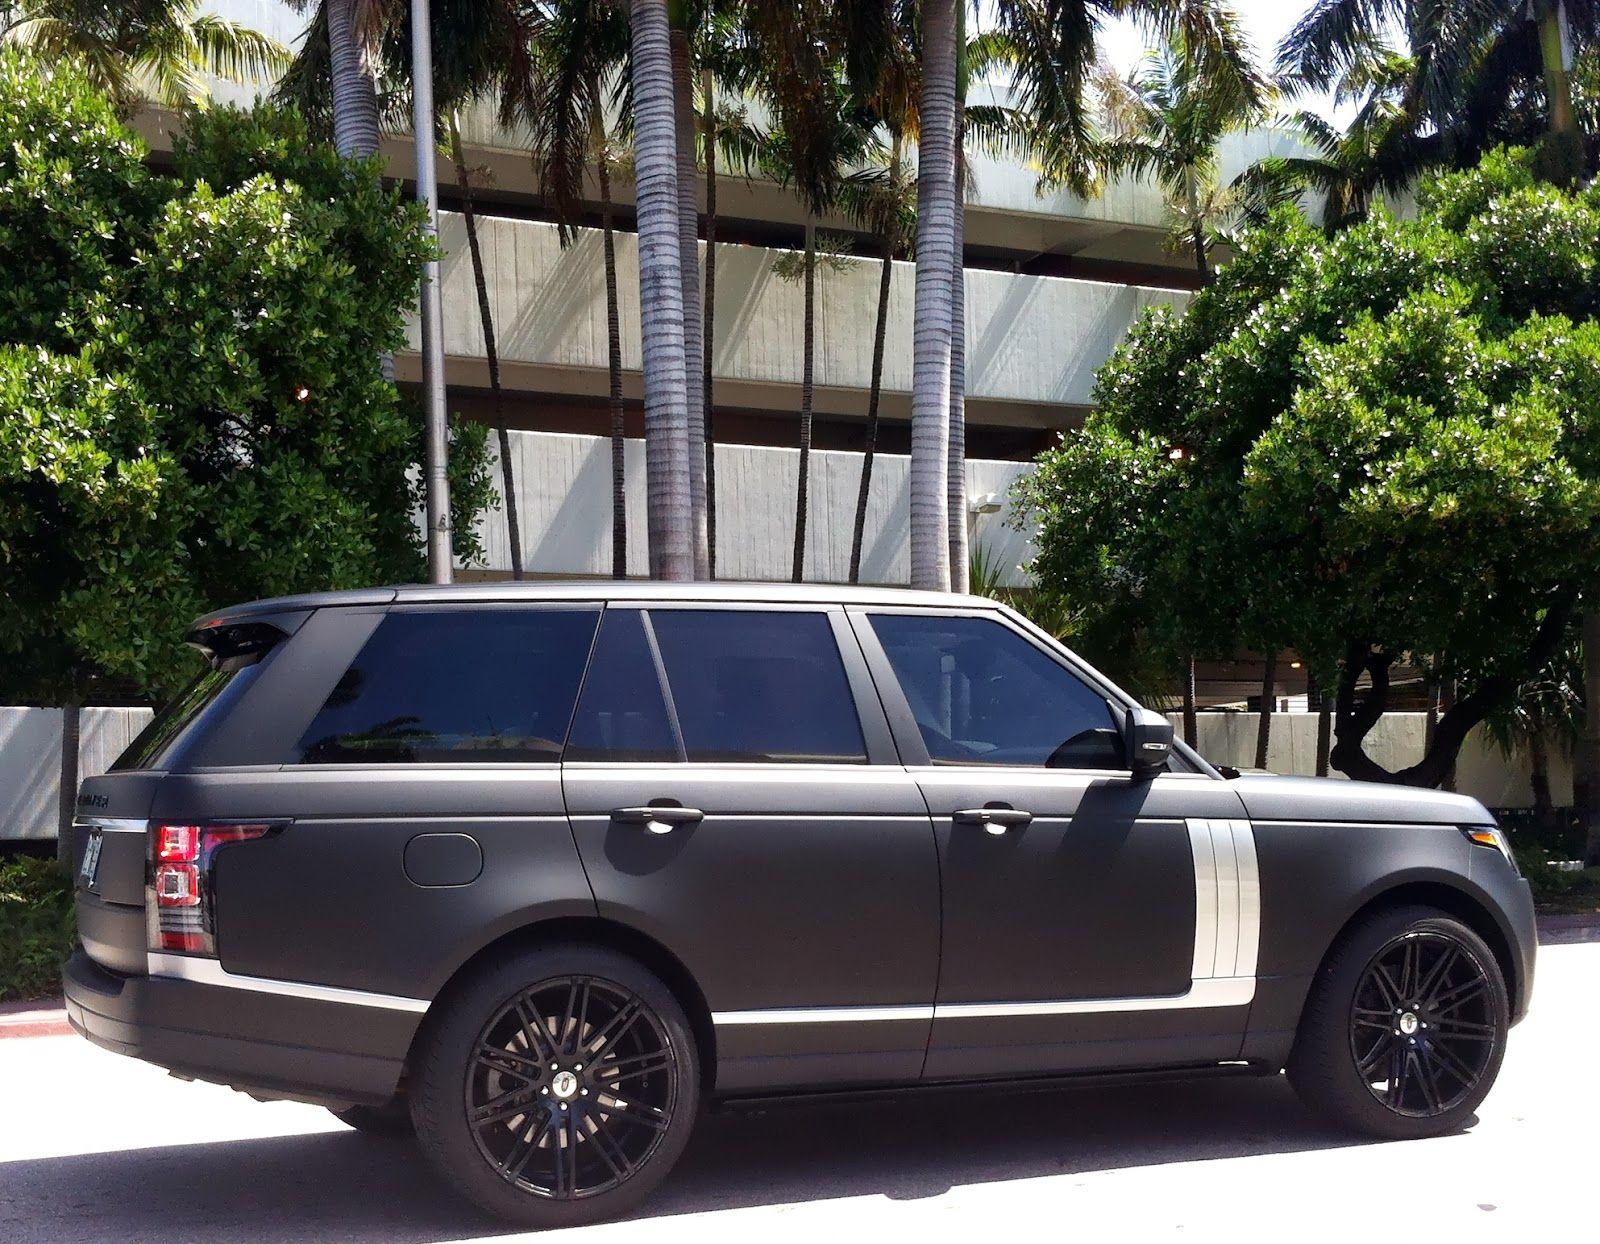 Range Rover, Luxury Cars